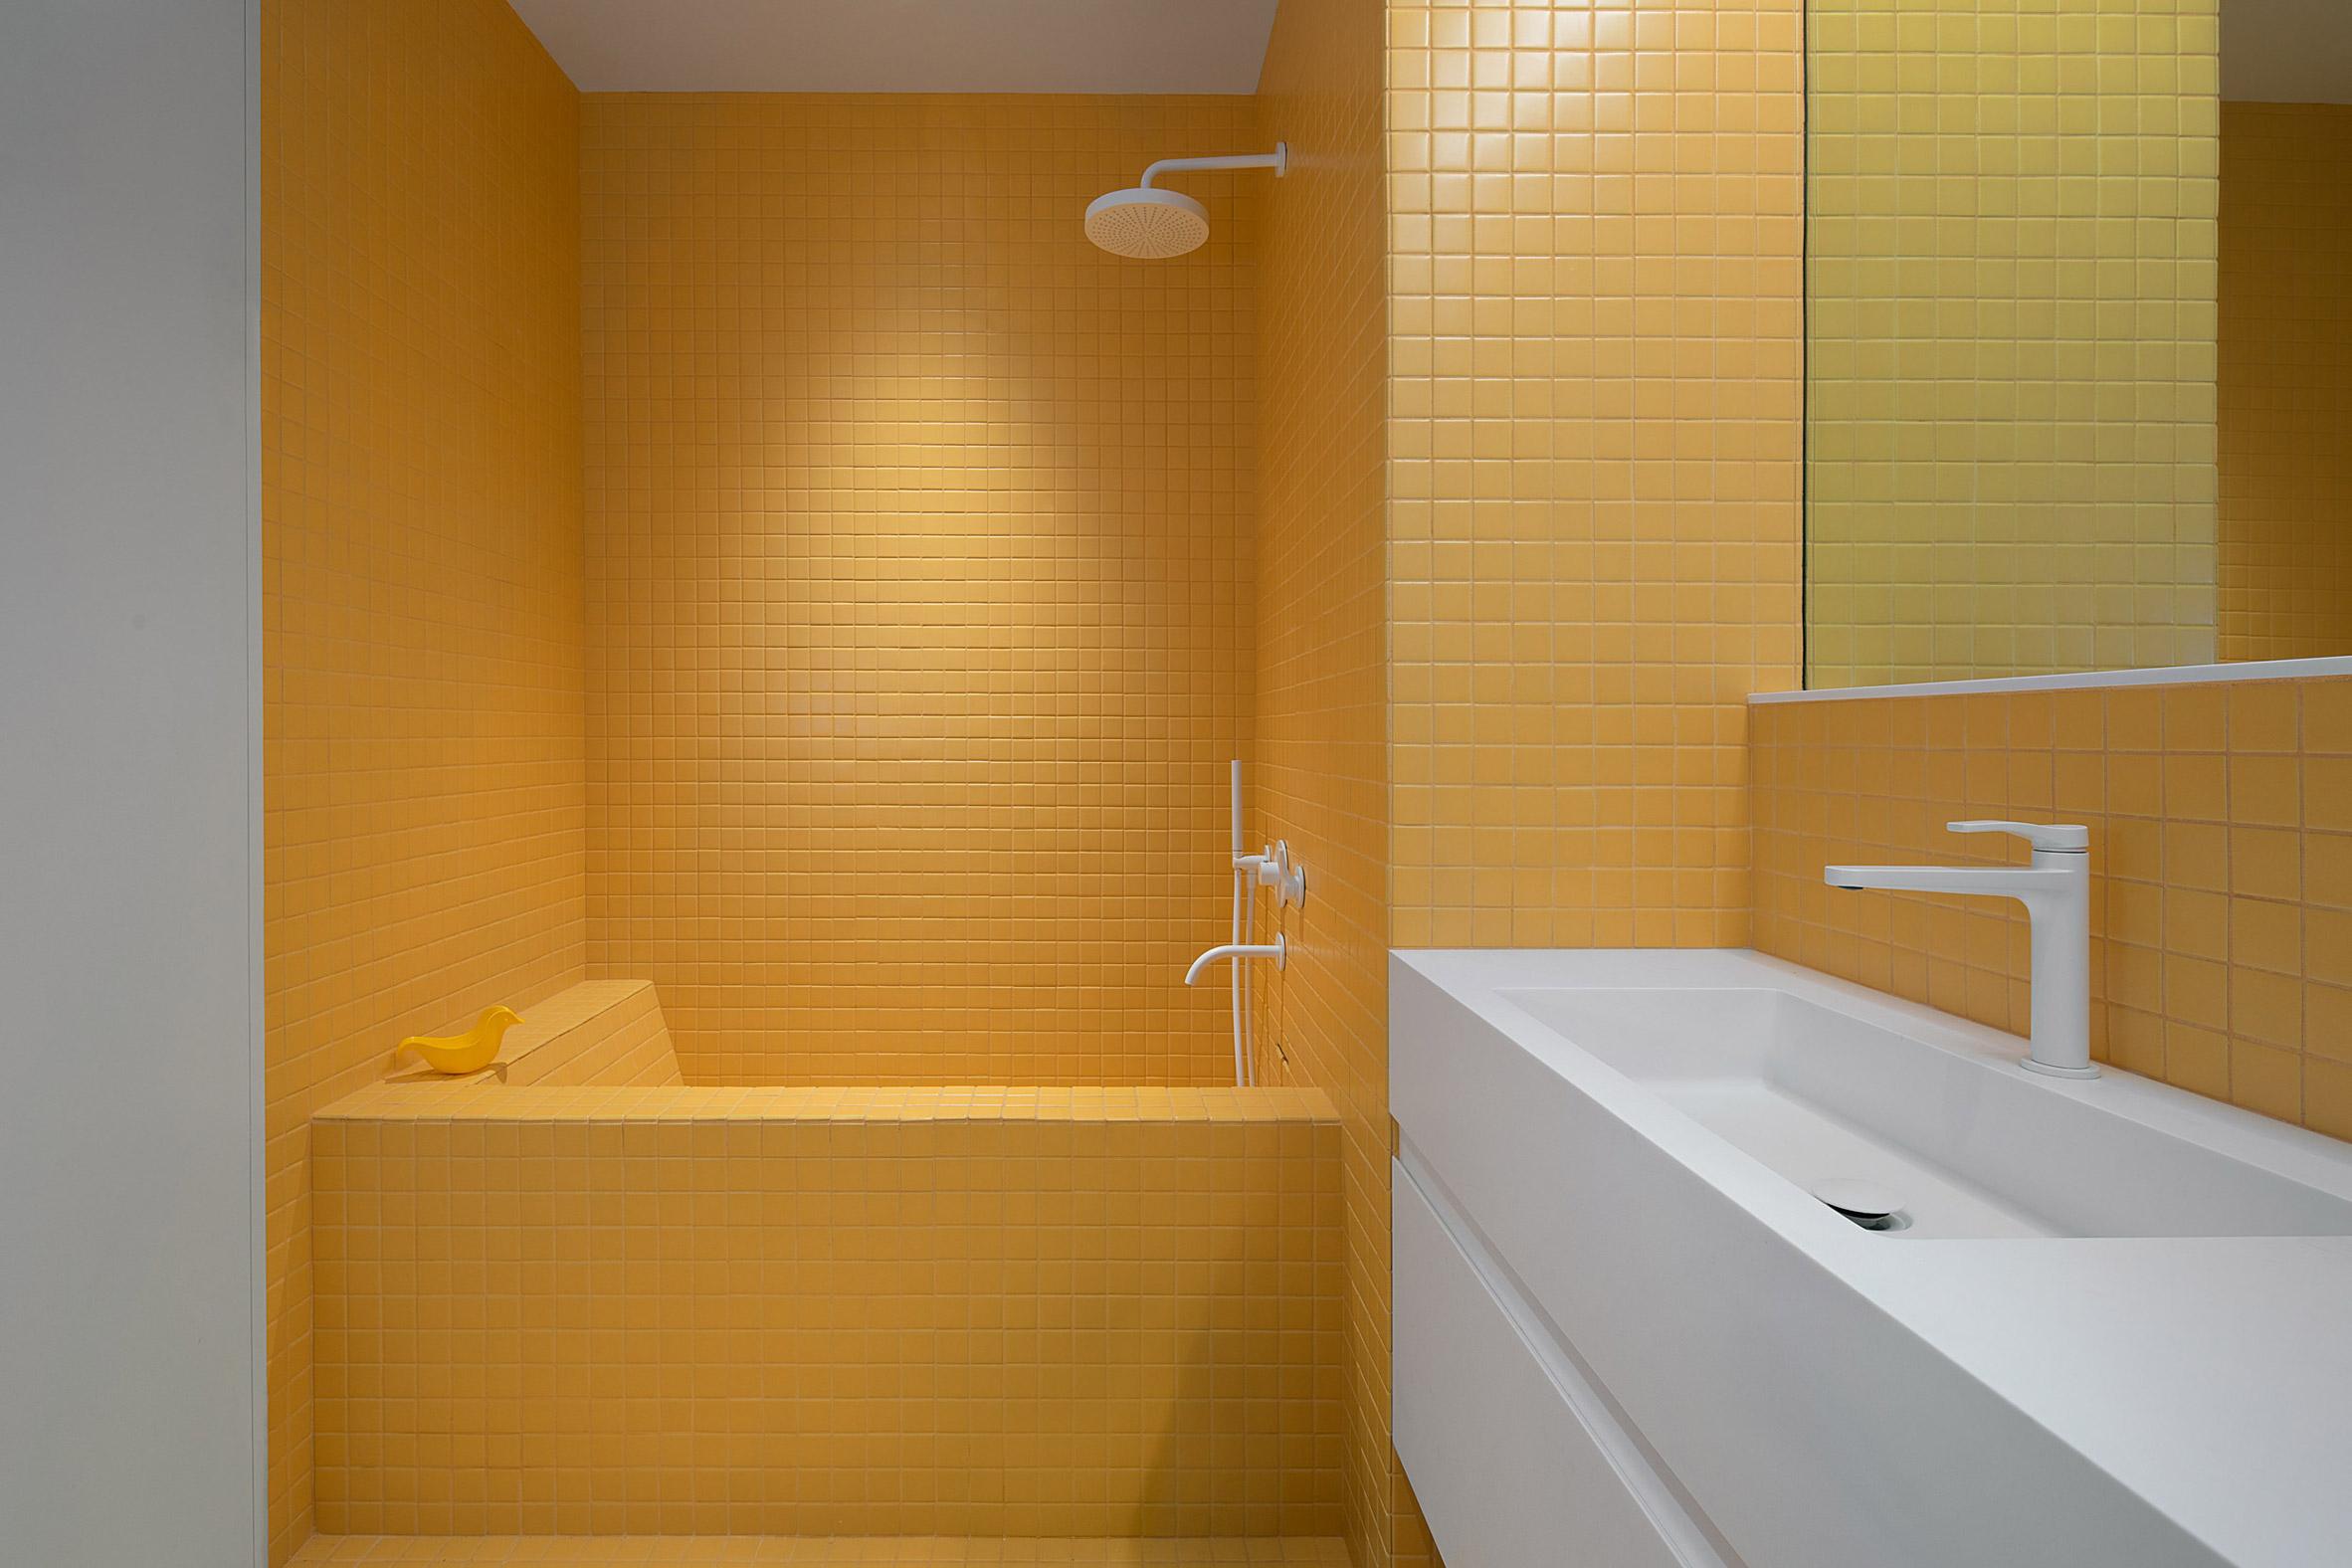 Kết hợp Gỗ và Đá Cẩm Thạch trong thiết kế kiến trúc nội thất 6